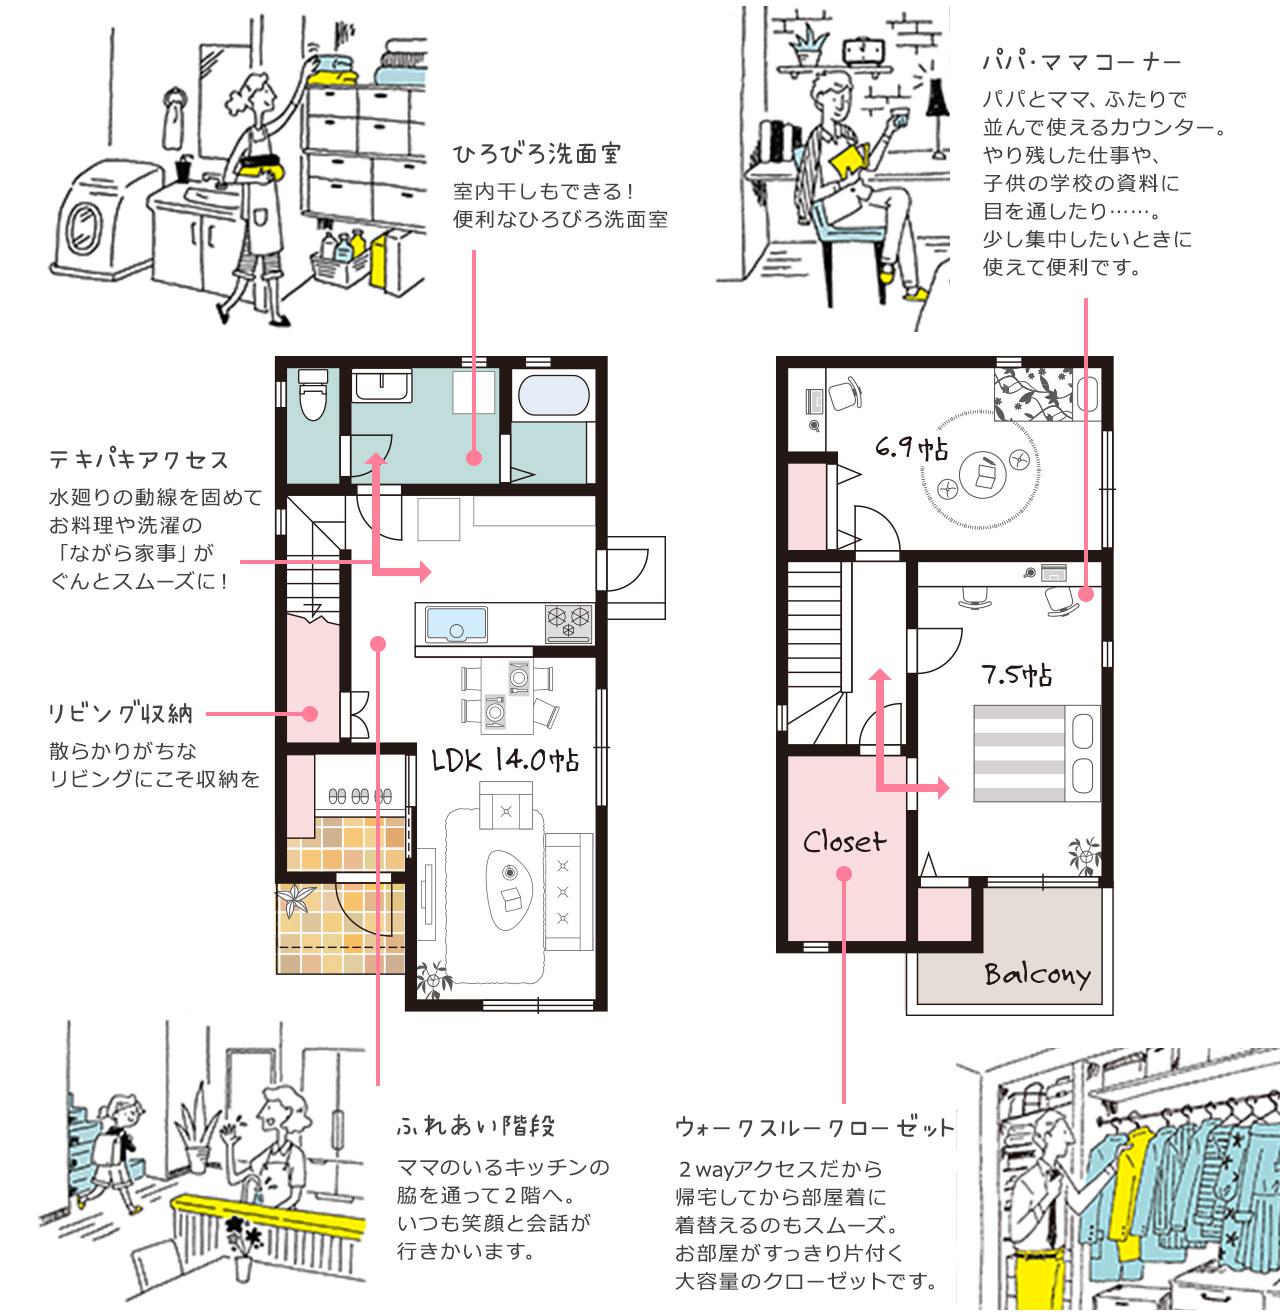 新企画型住宅「YAMATO casa STYLE」 Style01参考間取り図